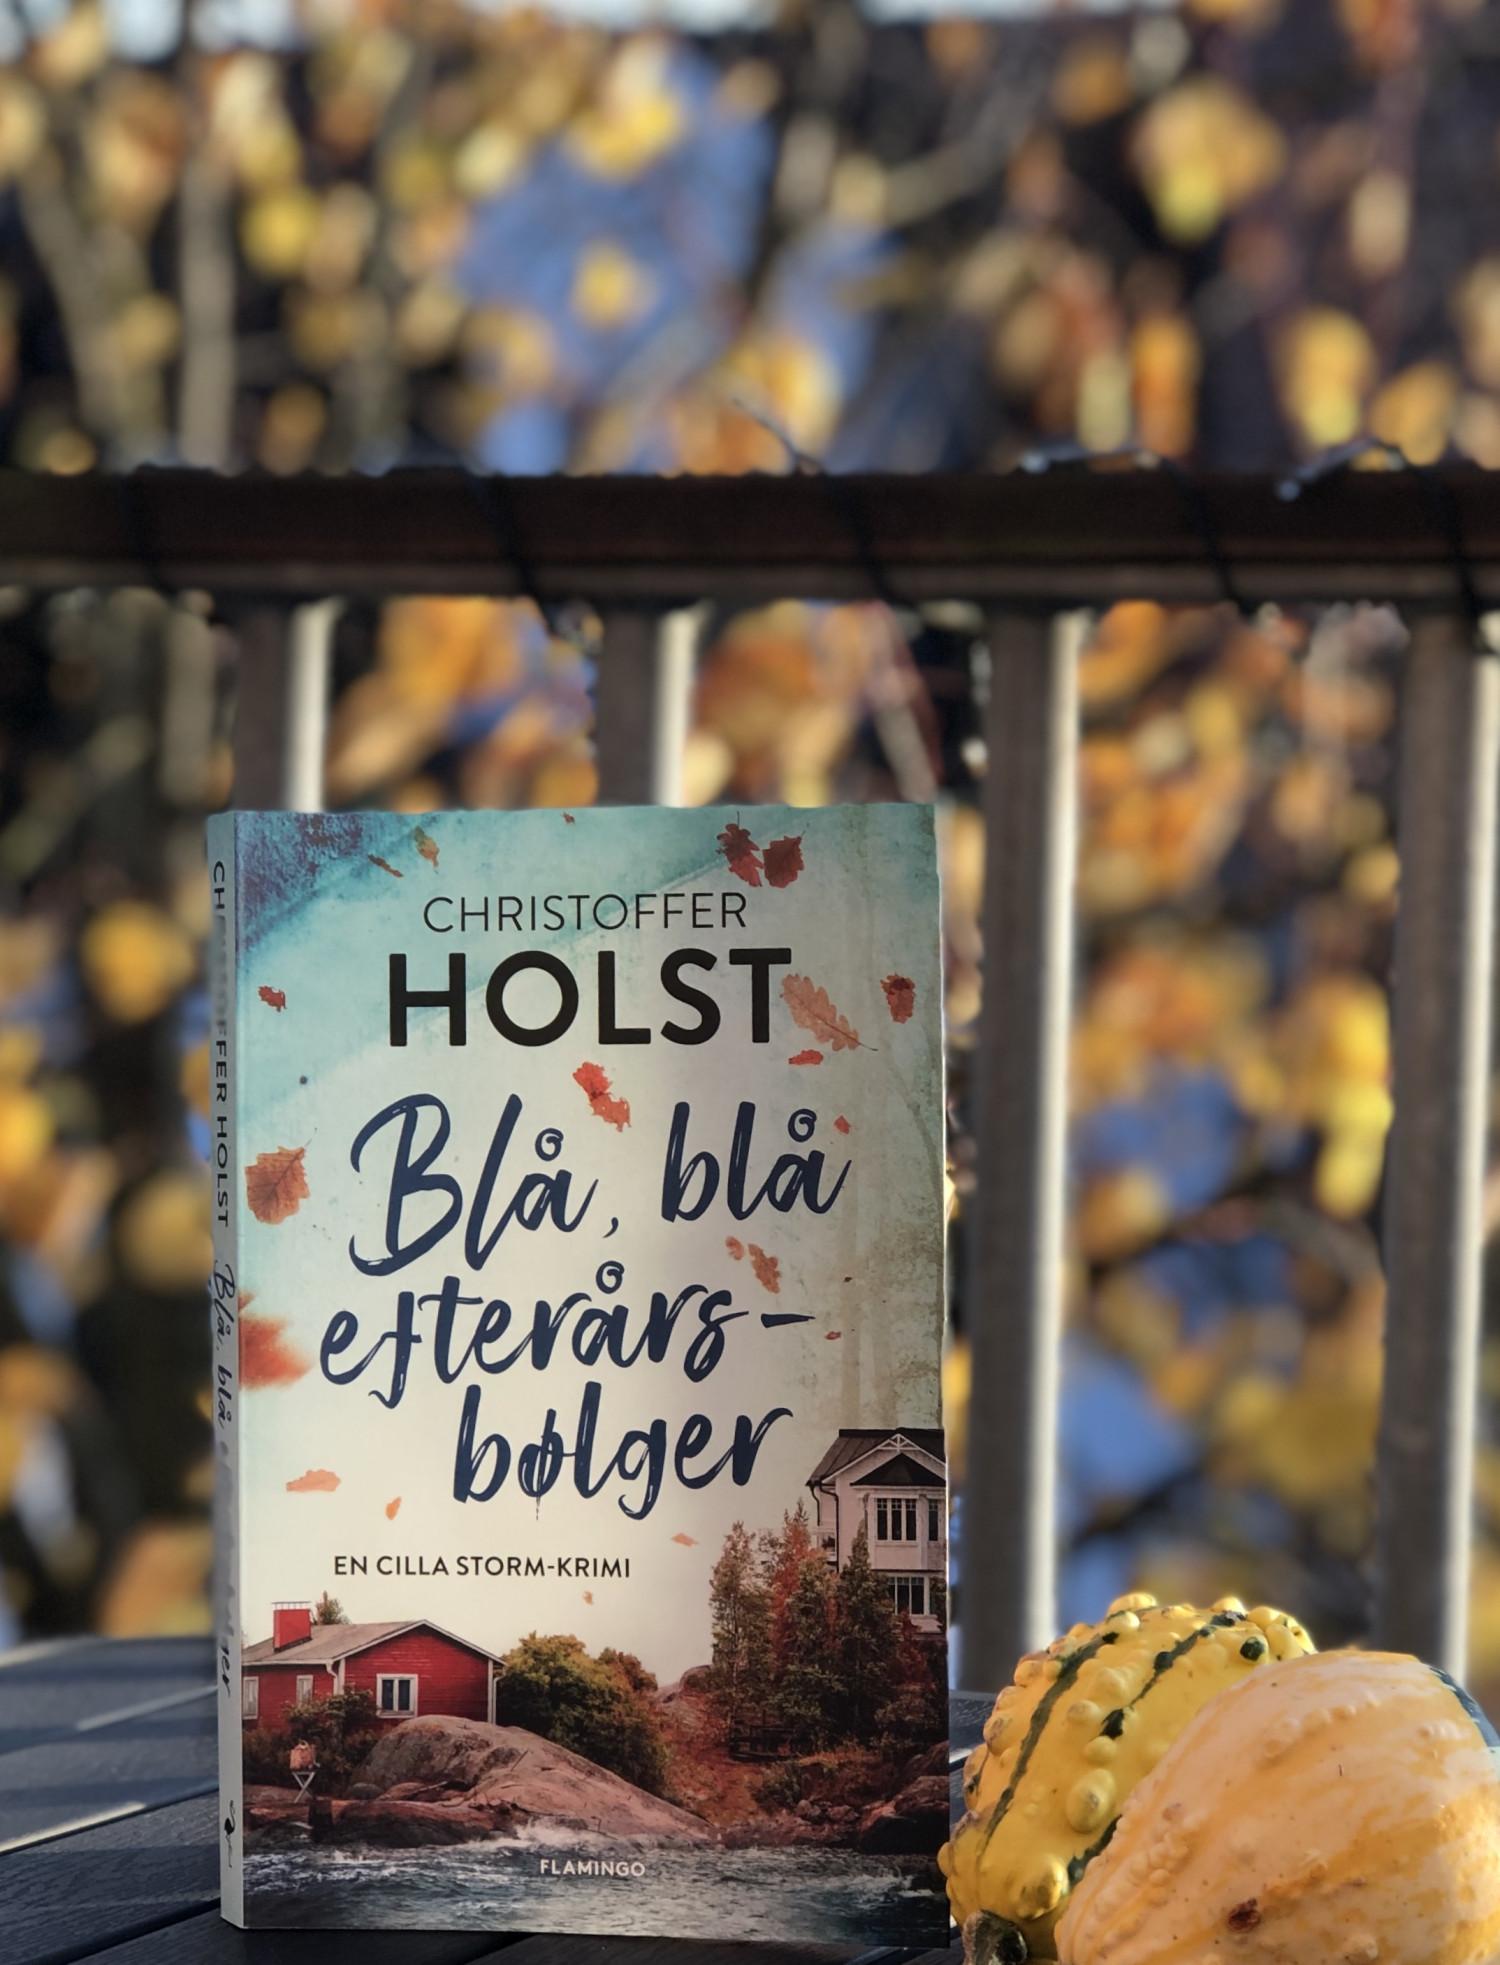 Christoffer Holst, Flamingo, Flamingo books, kærlighed, krimi, En Cilla Storm-krimi, Cilla Storm, Blå blå efterårsbølger, krummeskrummelurer, krummeskrummelurer.dk, boganmeldelse, anbefaling, anmeldereksemplar,